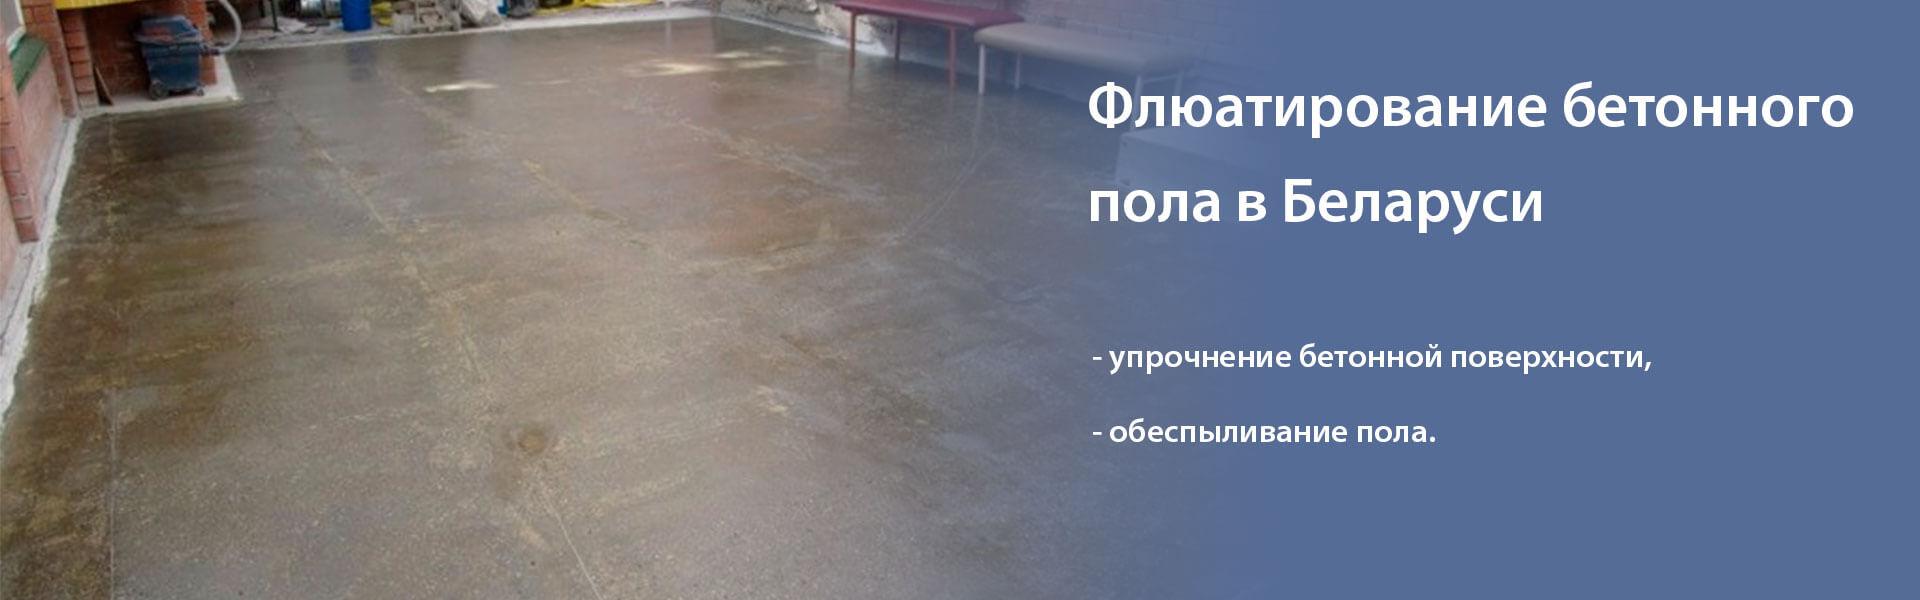 Флюатирование поверхности бетона торкрет бетона